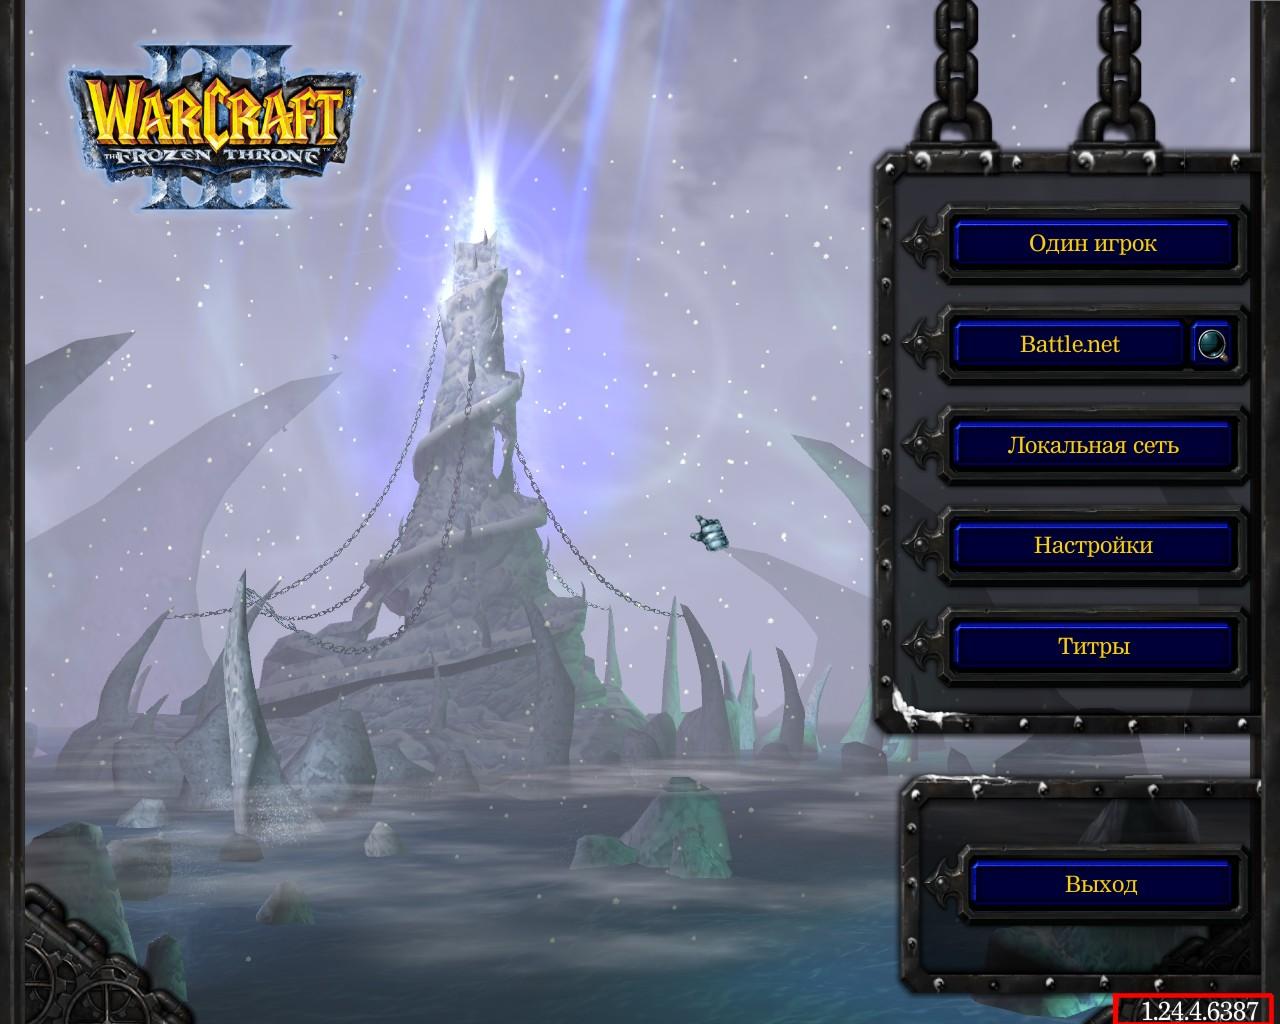 Скачать сервер рубатл нет для warcraft 3